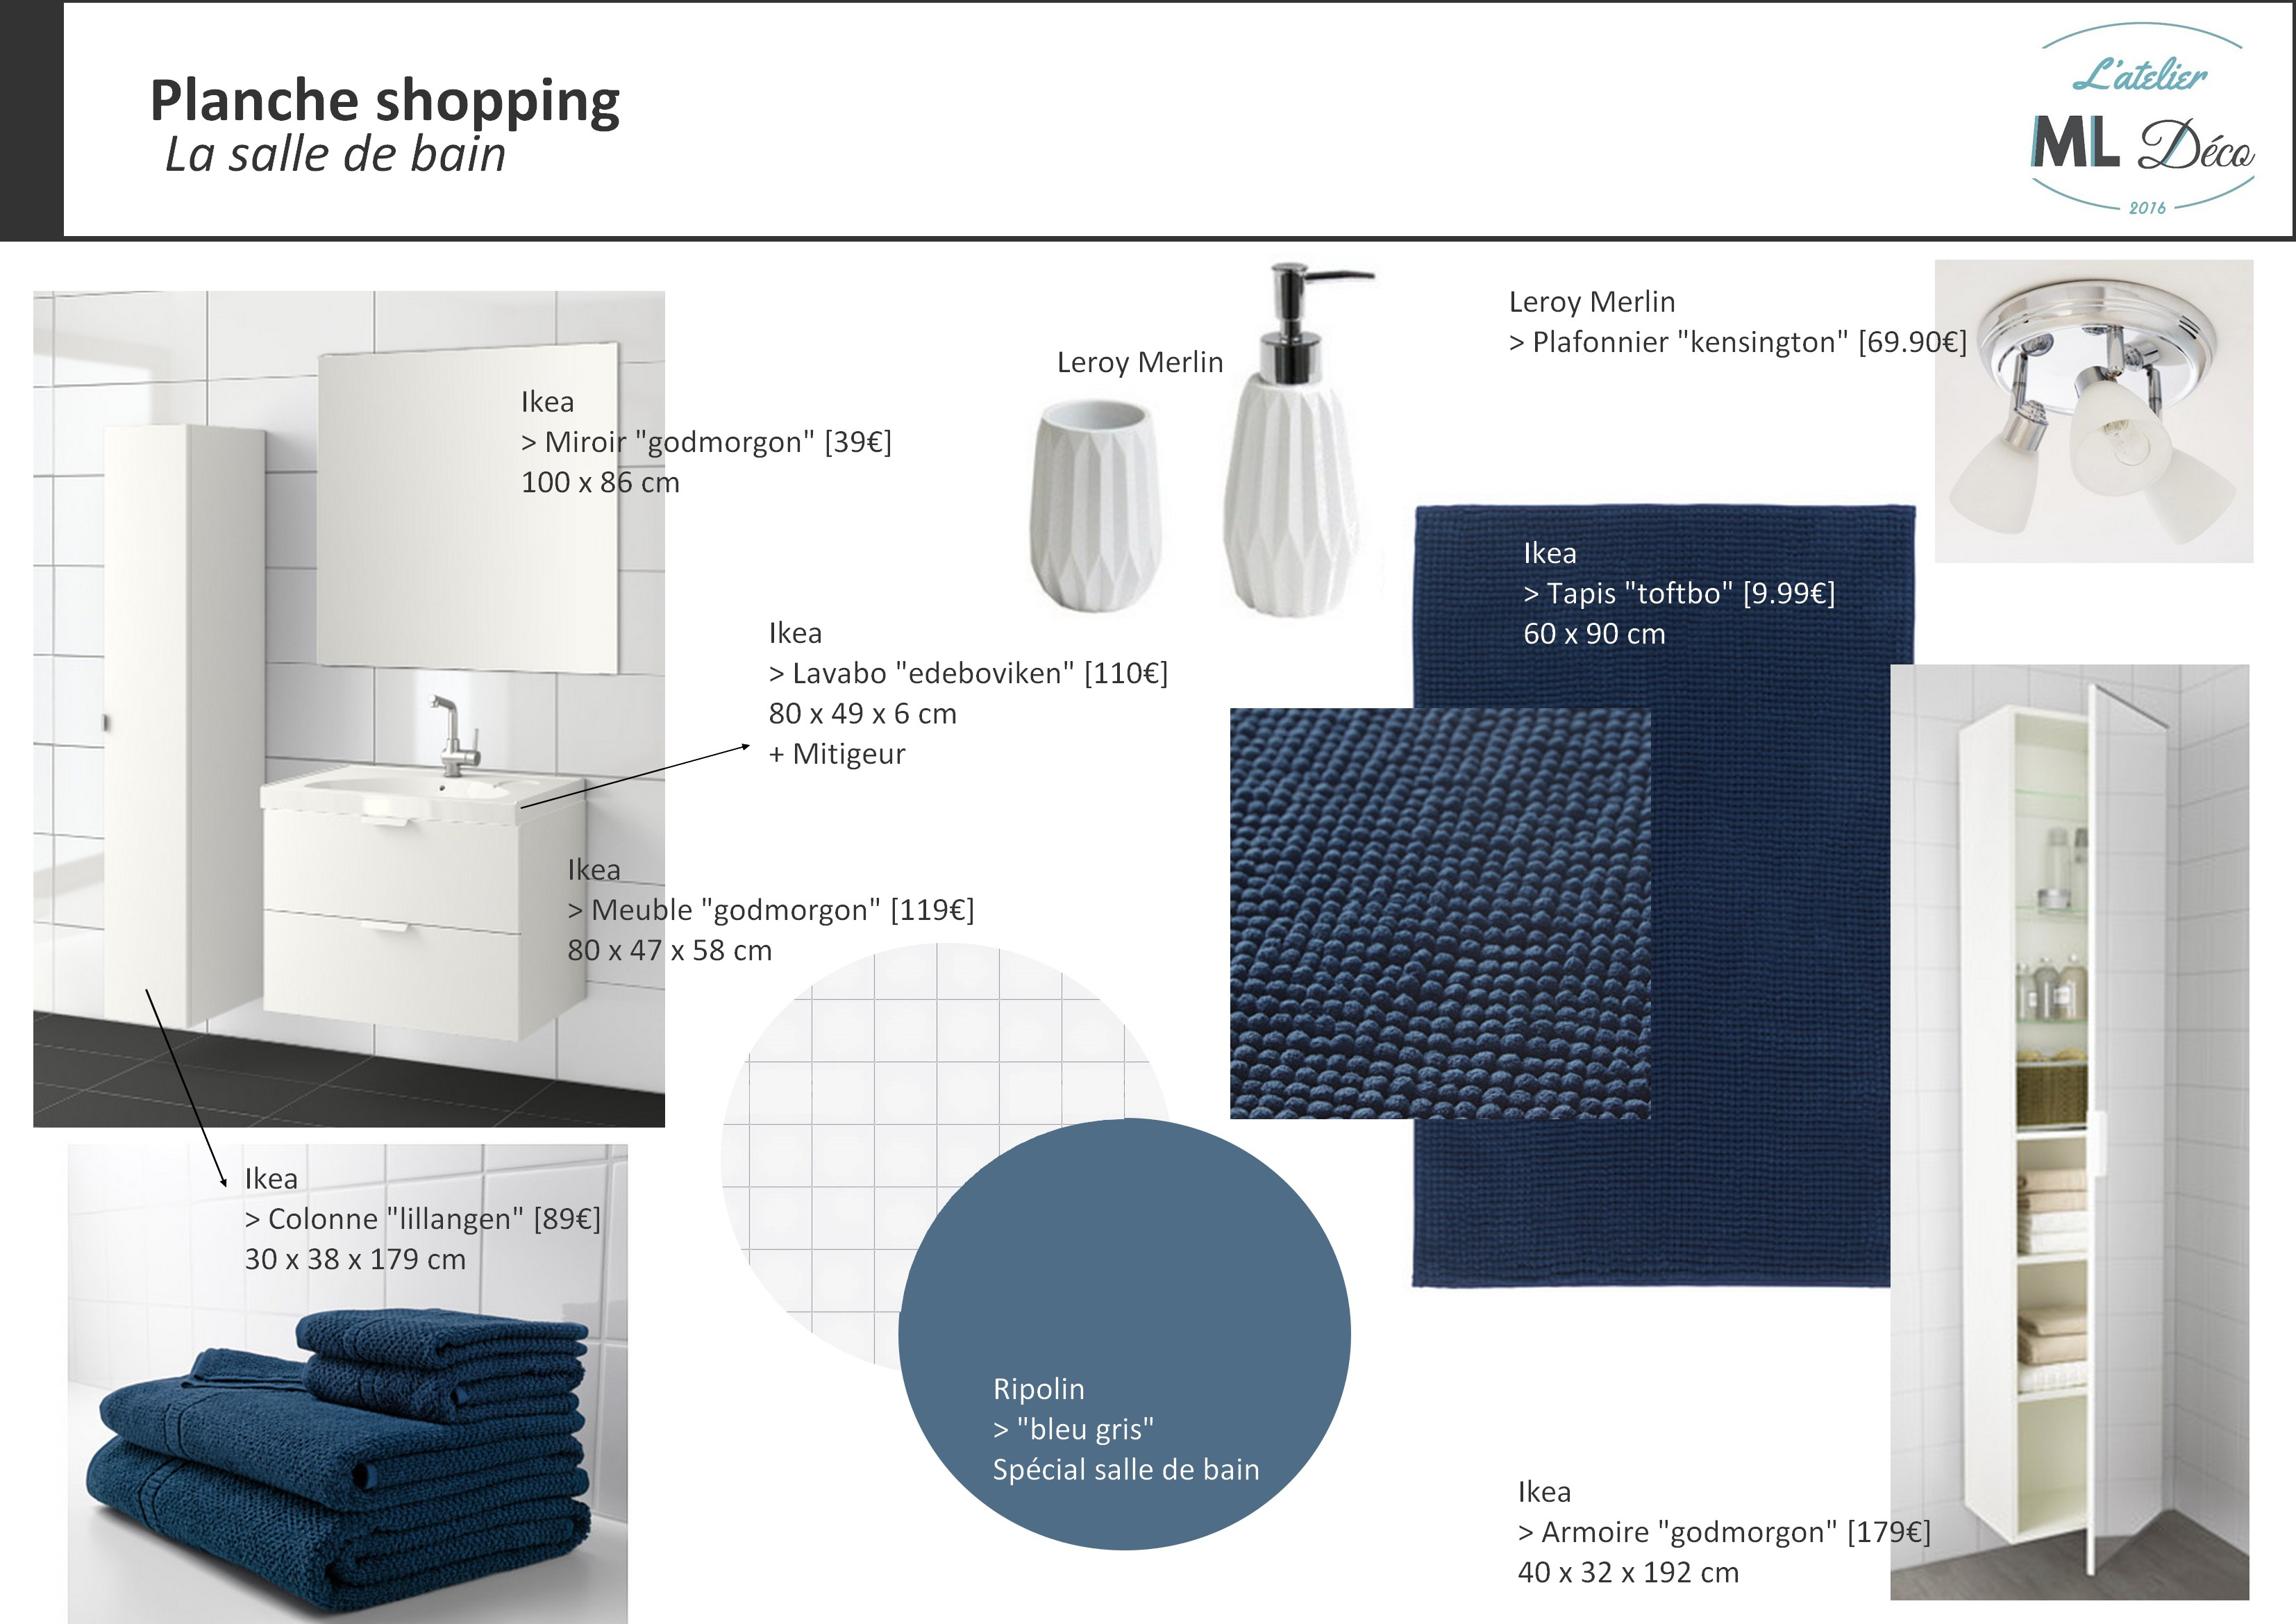 Planche shopping - Salle de bain.jpg